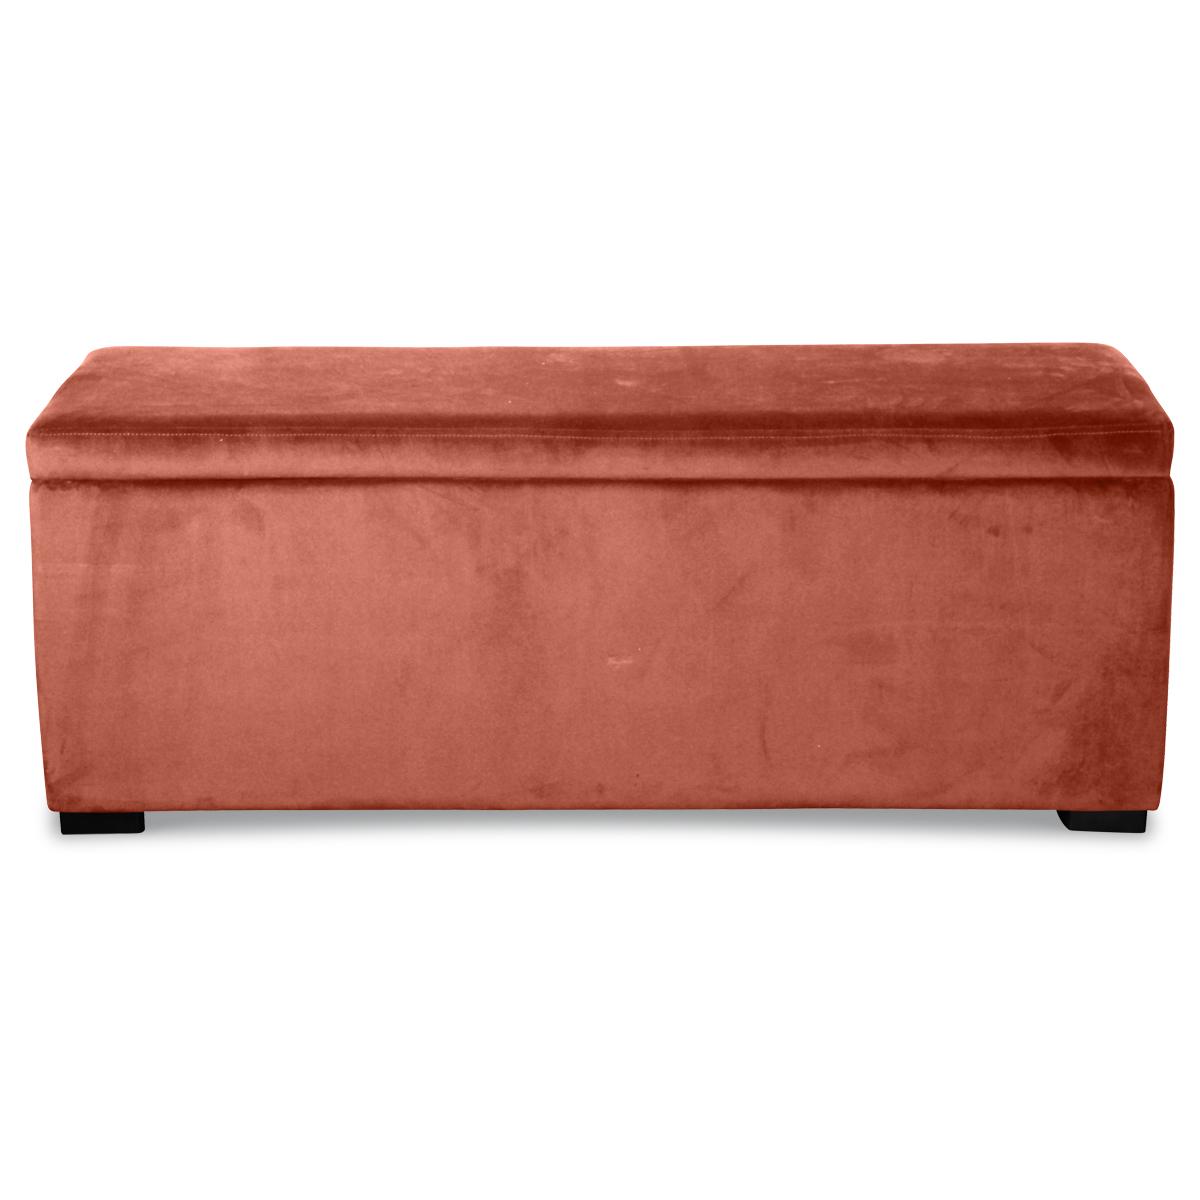 Banquette coffre en velours uni - Poudre - 120 x 40 x H 45 cm